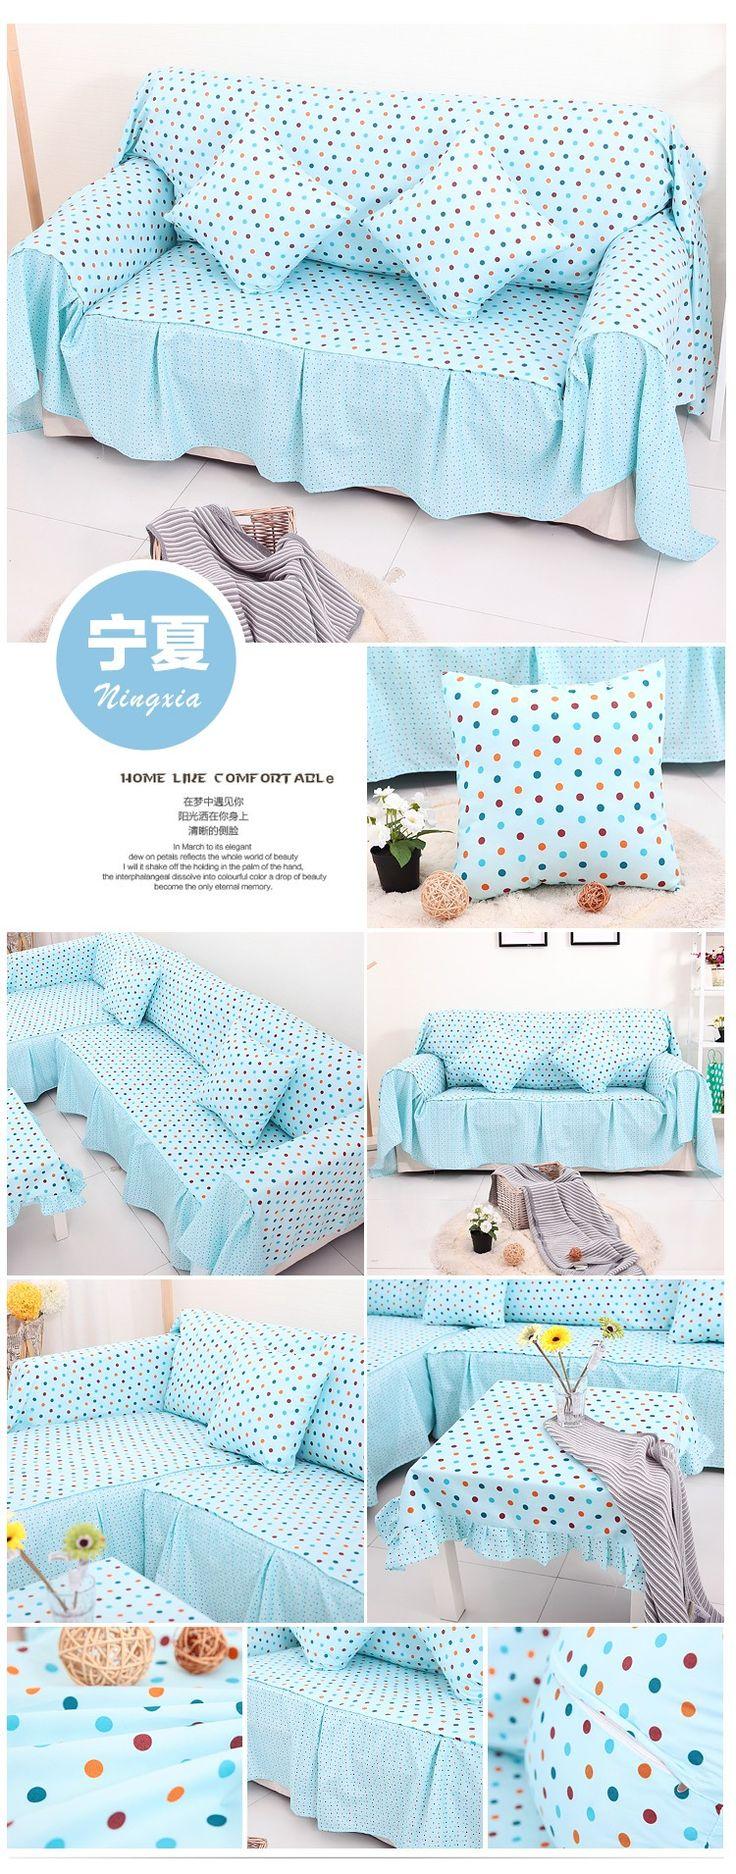 Новое поступление диван крышка долго тканью диван полотенце современный С континентальный одноместный двухместный три диван чехлы Европа тип MD 009 купить на AliExpress